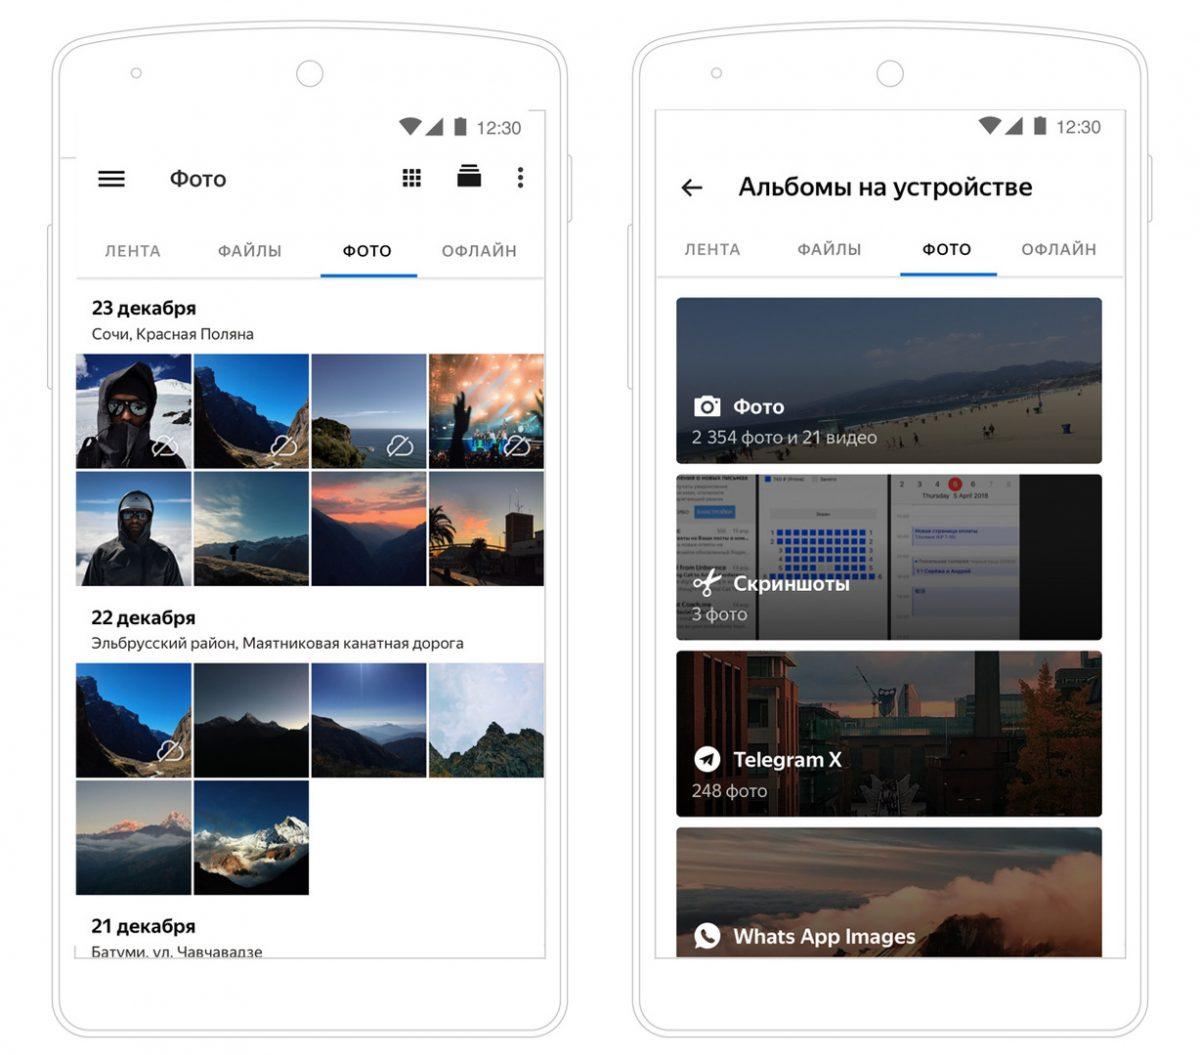 В мобильном Яндекс.Диске обновилась фотогалерея